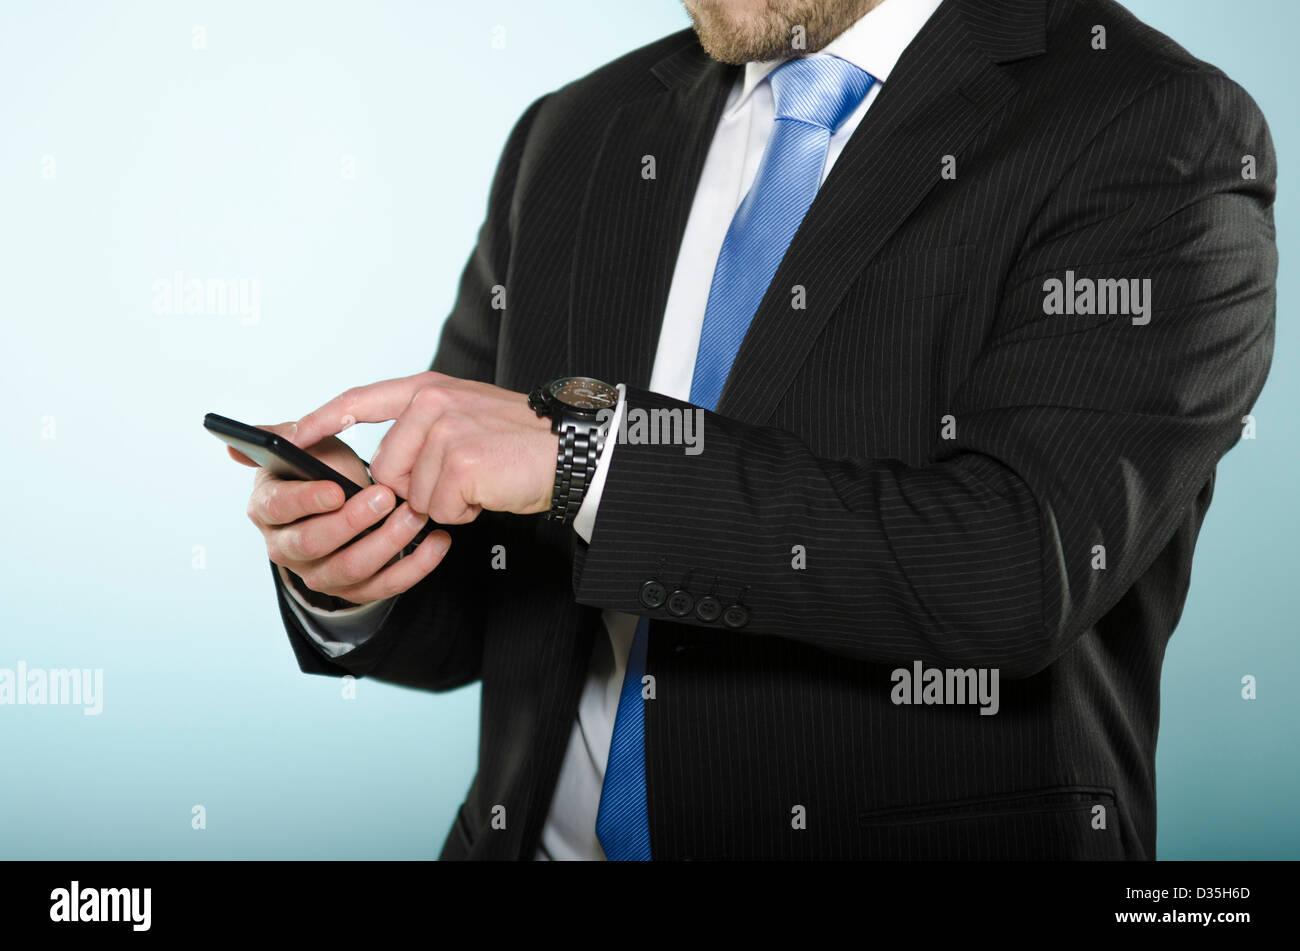 Empresario utilizando smart phone. Sección central de casualmente adaptados al hombre utilizando un teléfono de Foto de stock